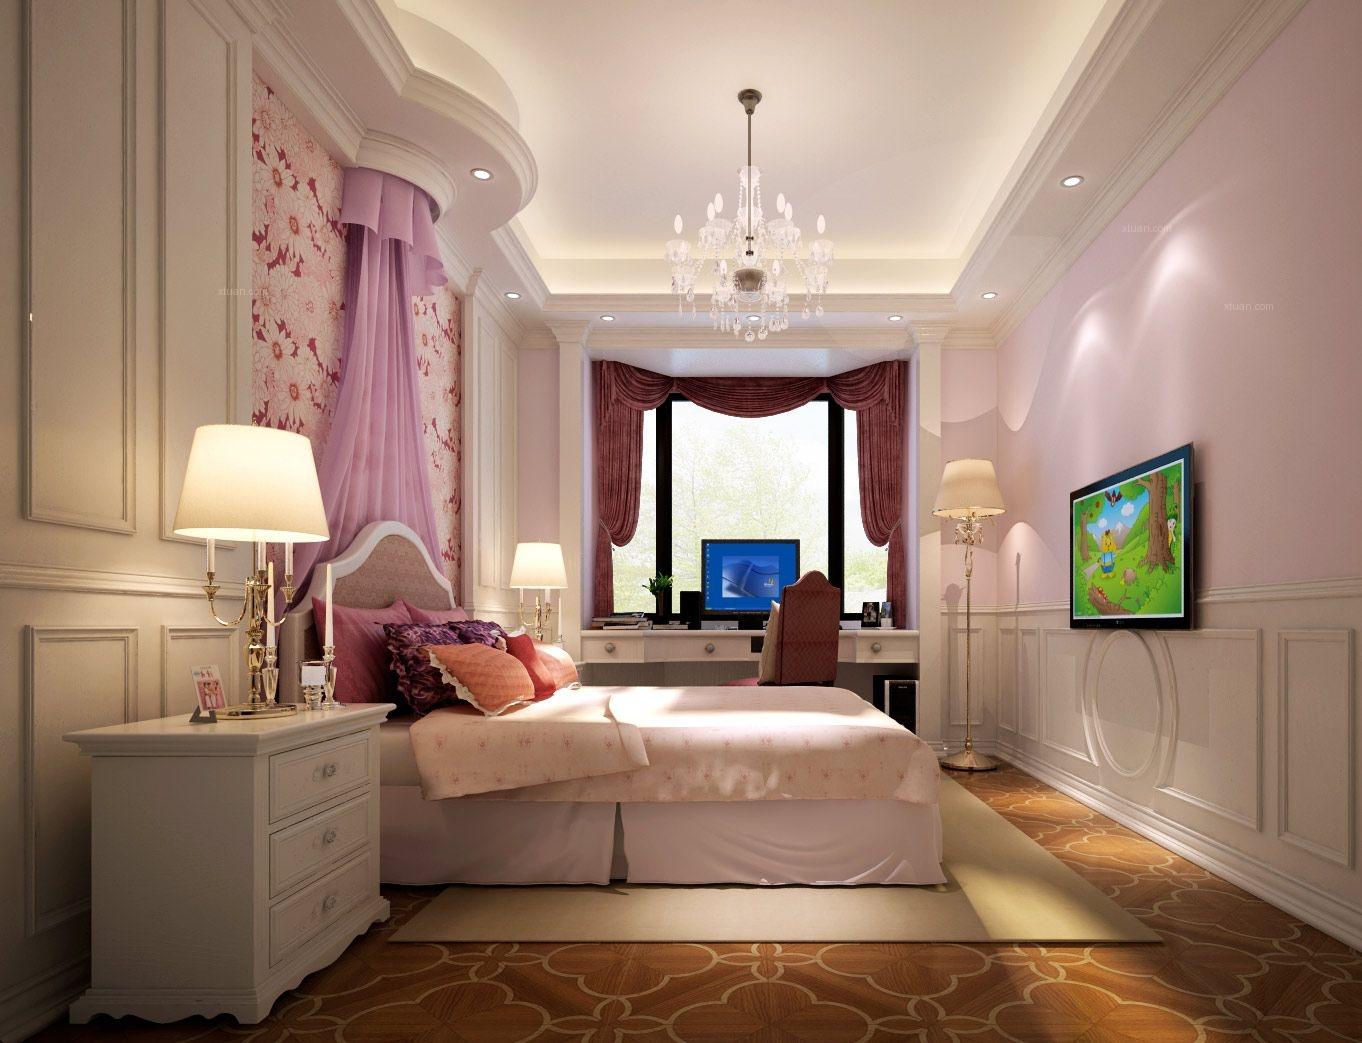 三居室简欧风格卧室卧室背景墙